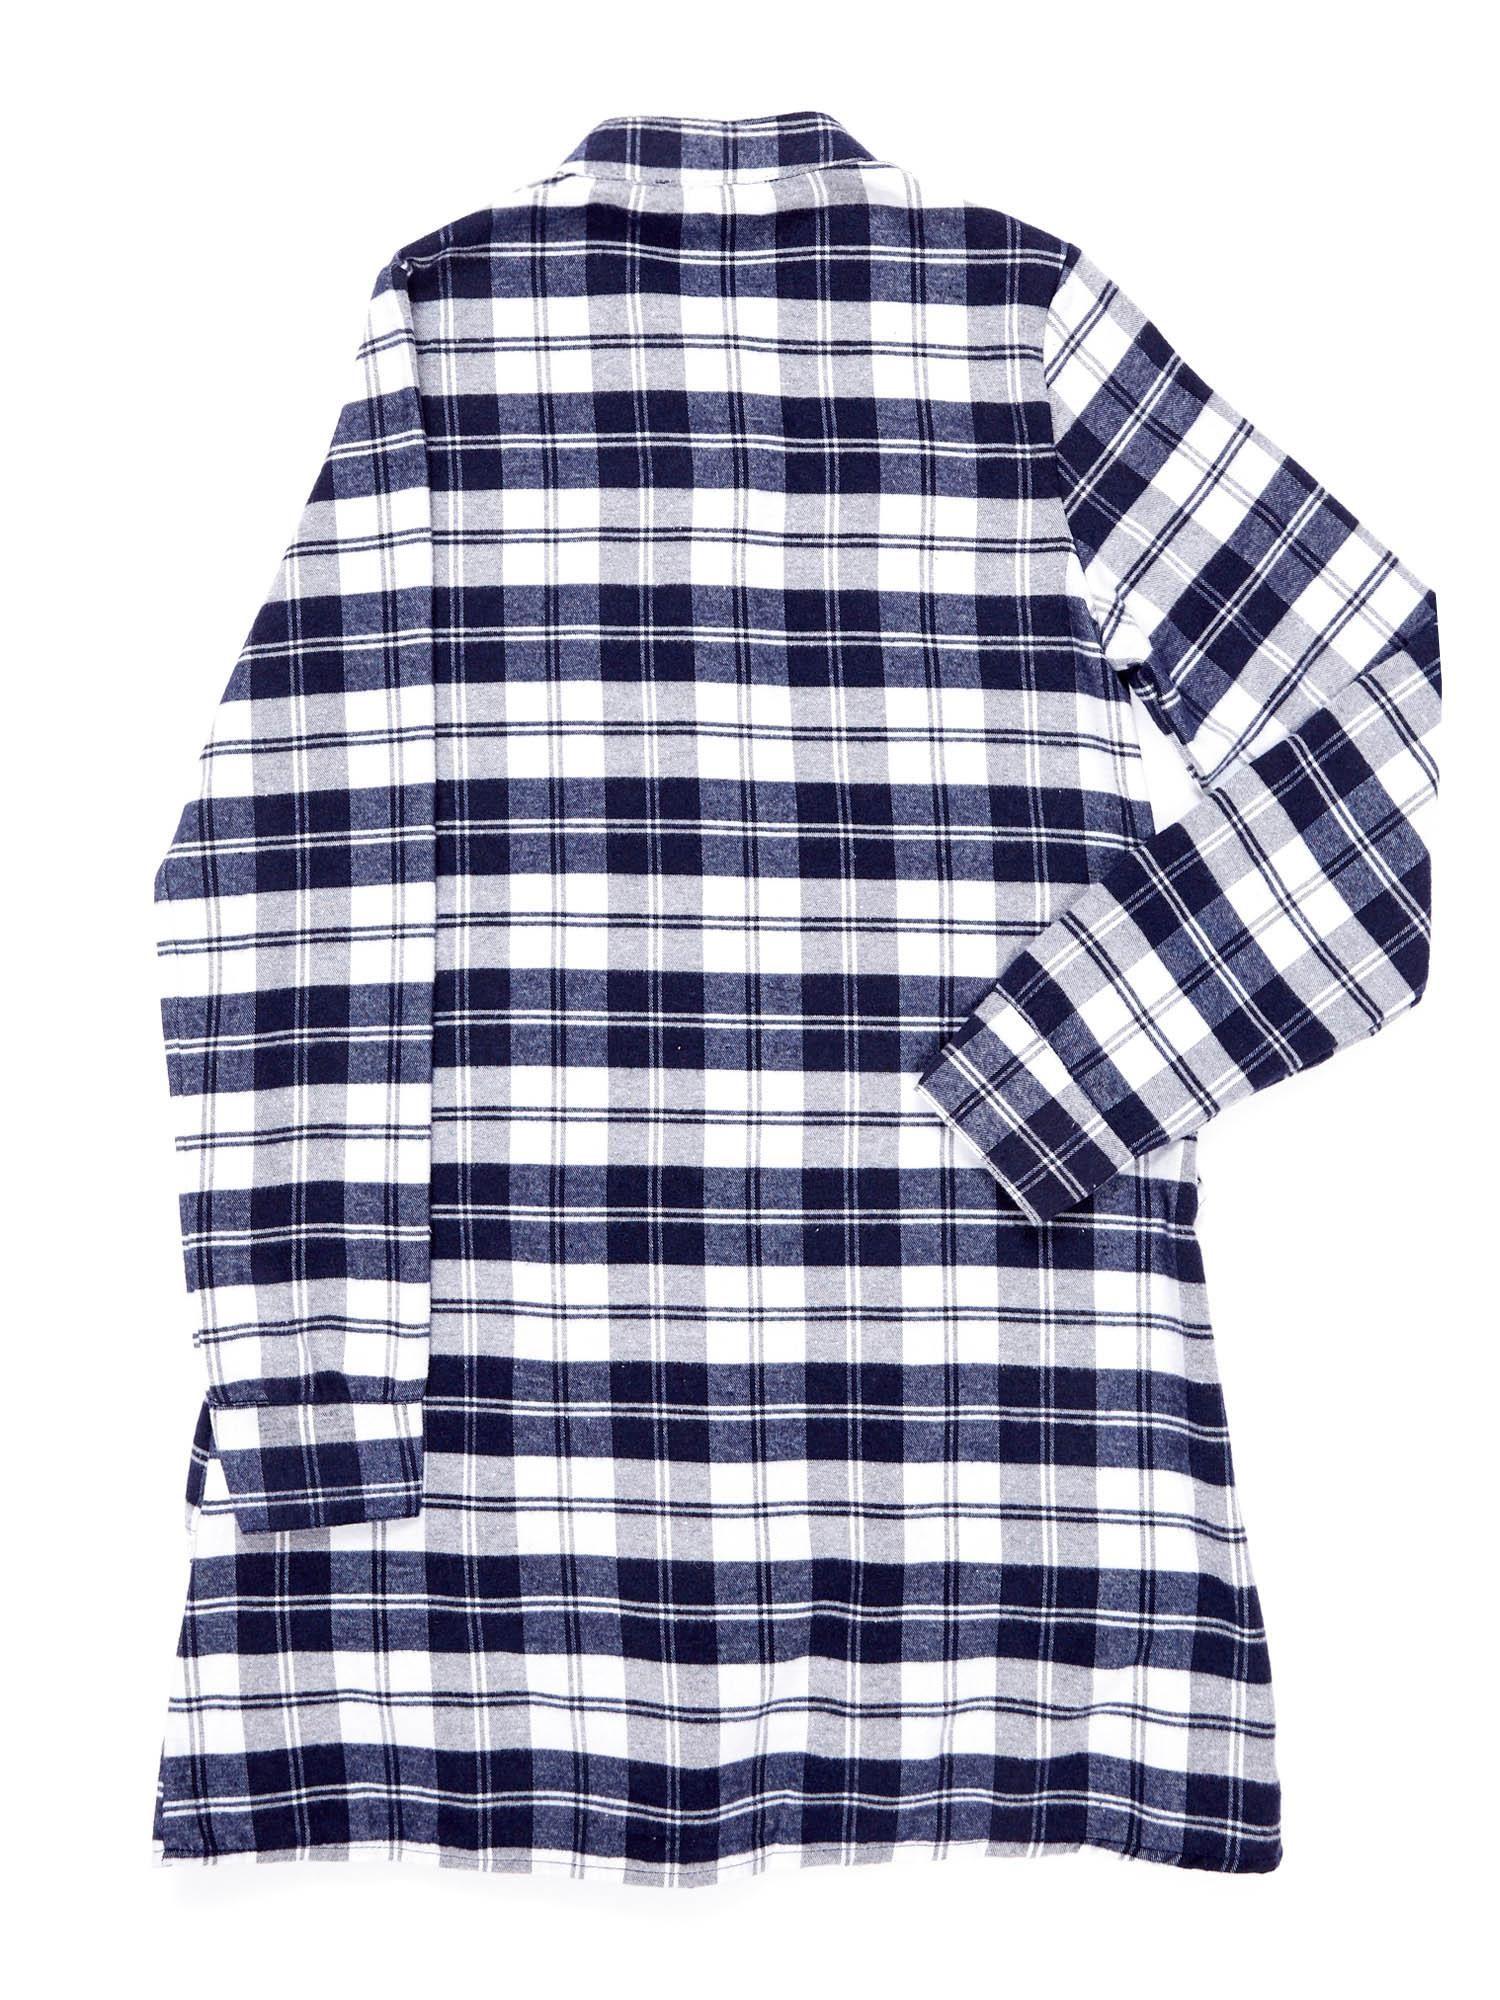 86d4f2ae Granatowa sukienka w kratę dla dziewczynki z warstwowymi falbanami